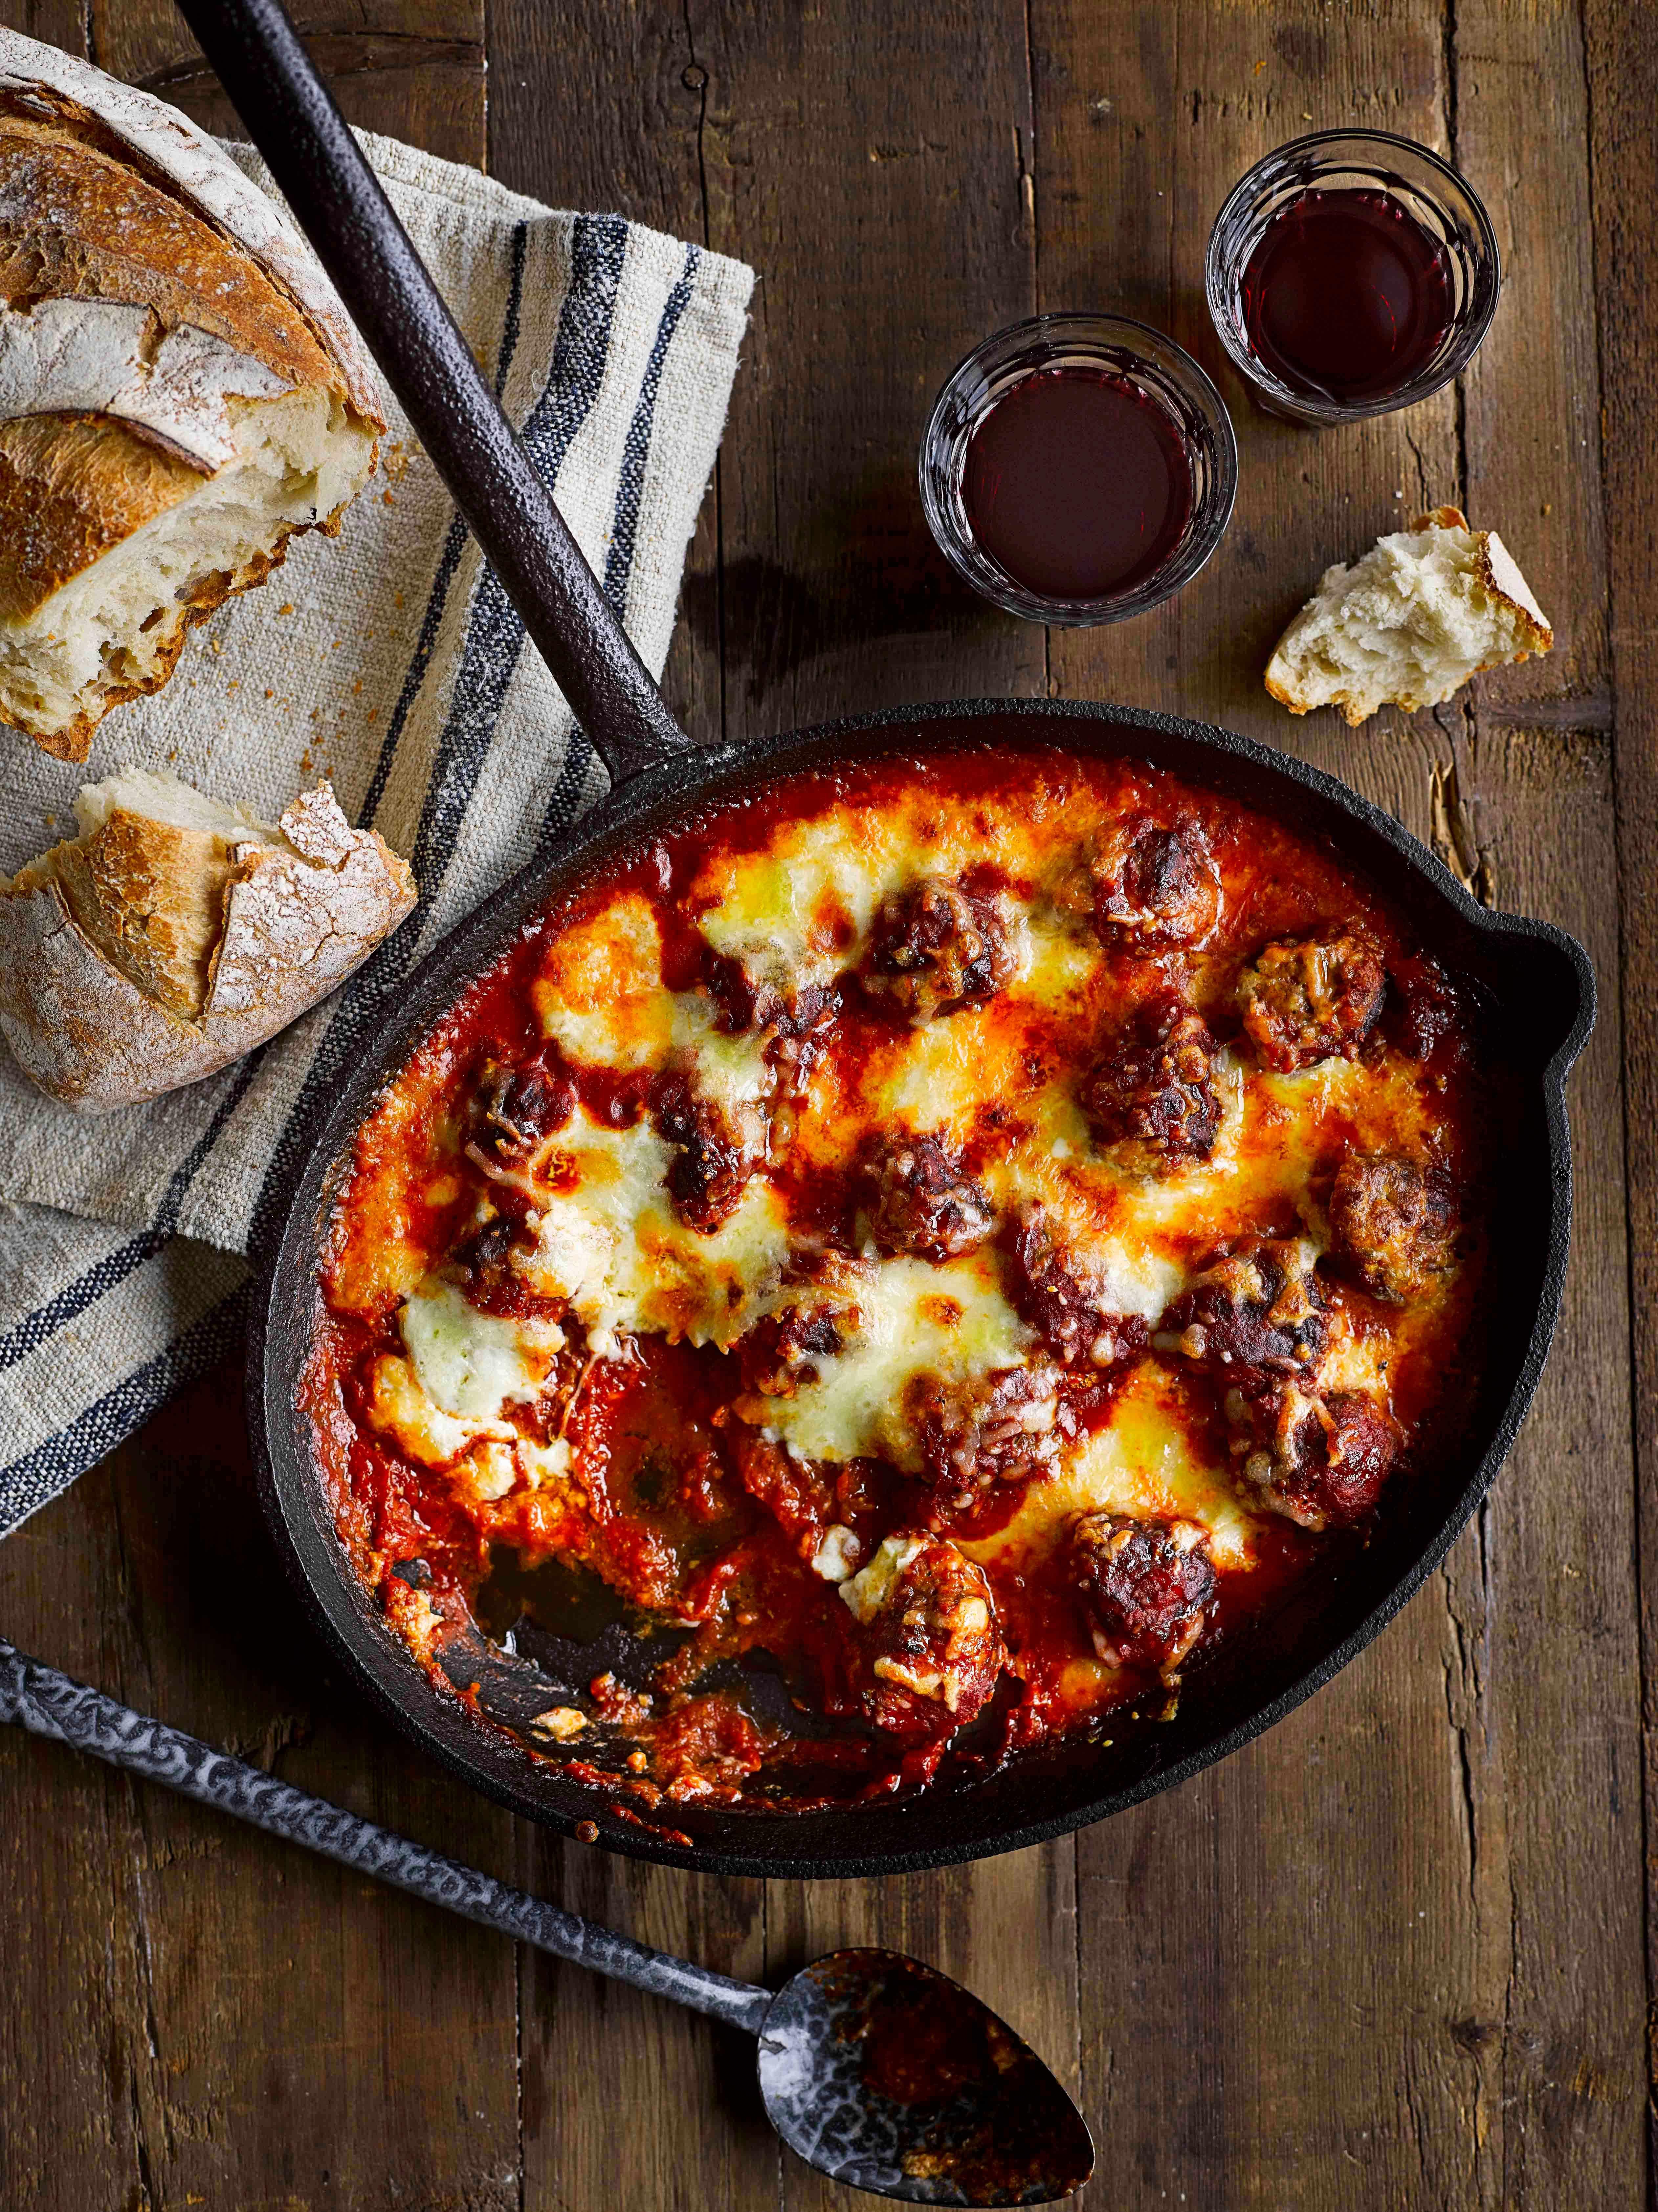 Meatball Recipe With Mozzarella